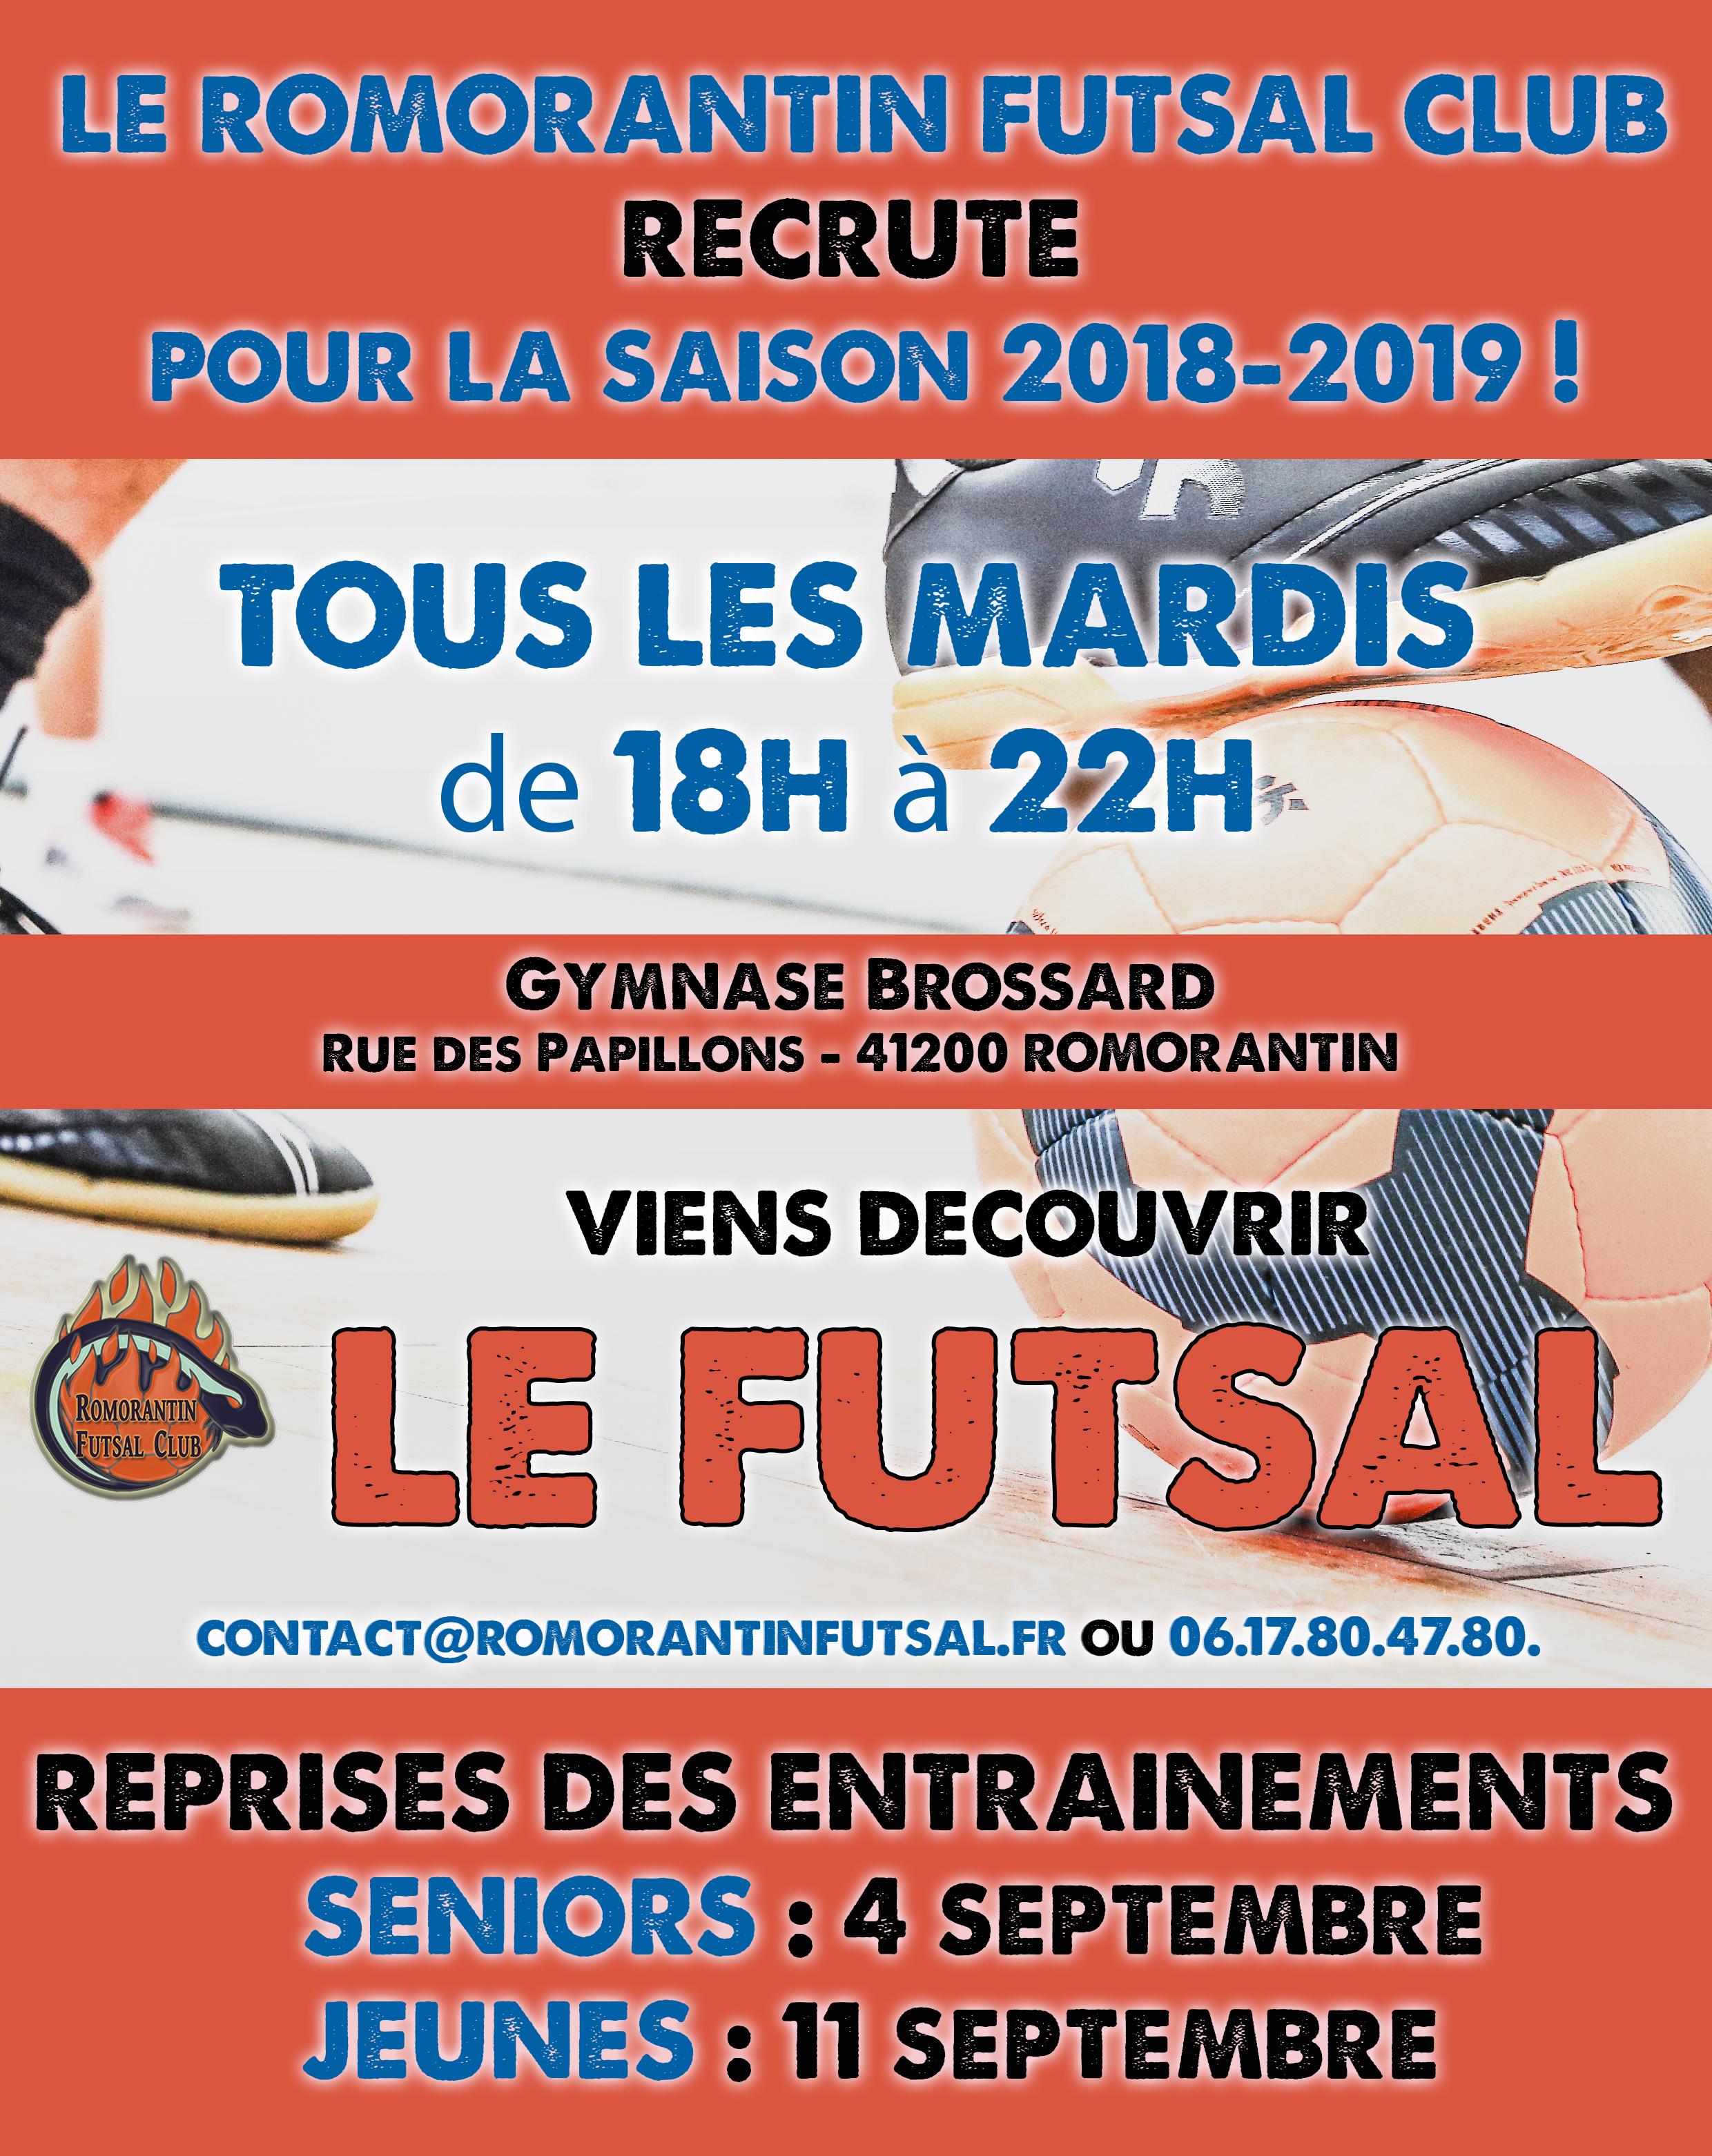 affiche-recrutement-rfc-2018-2019